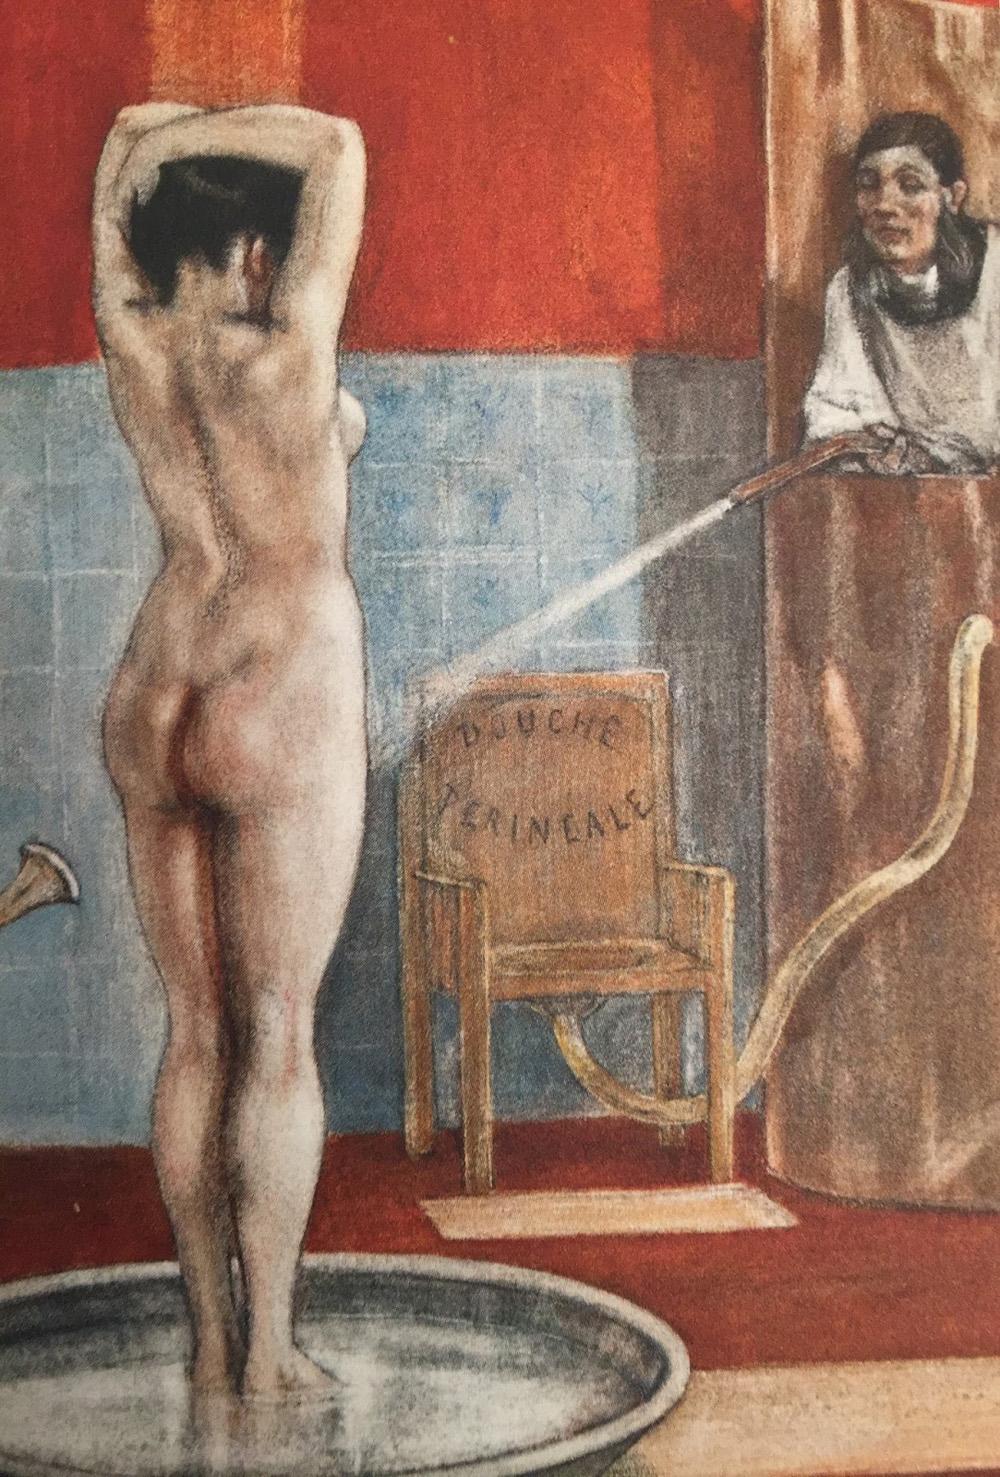 la douche périnéale : le XIXème siècle va réglementer la débauche